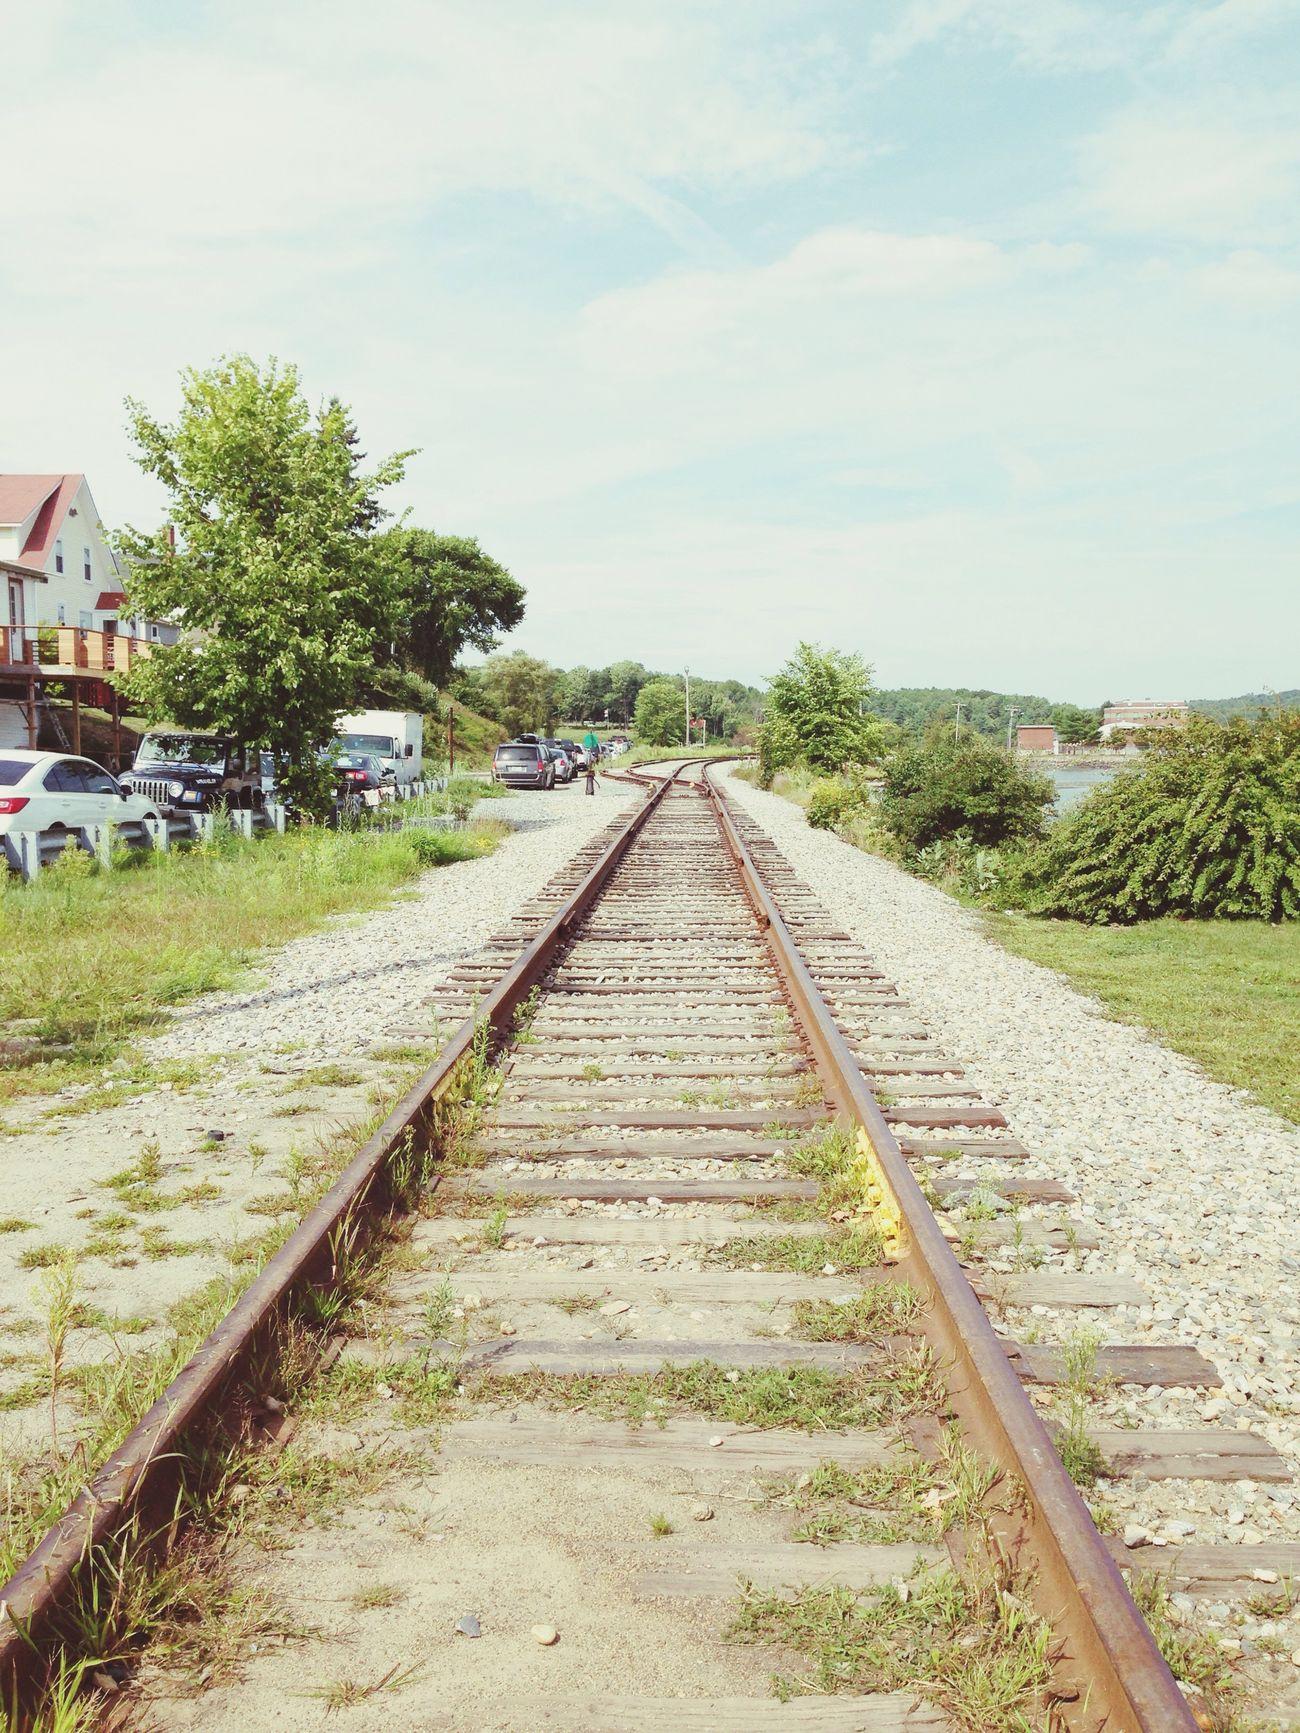 Traintracks 😌